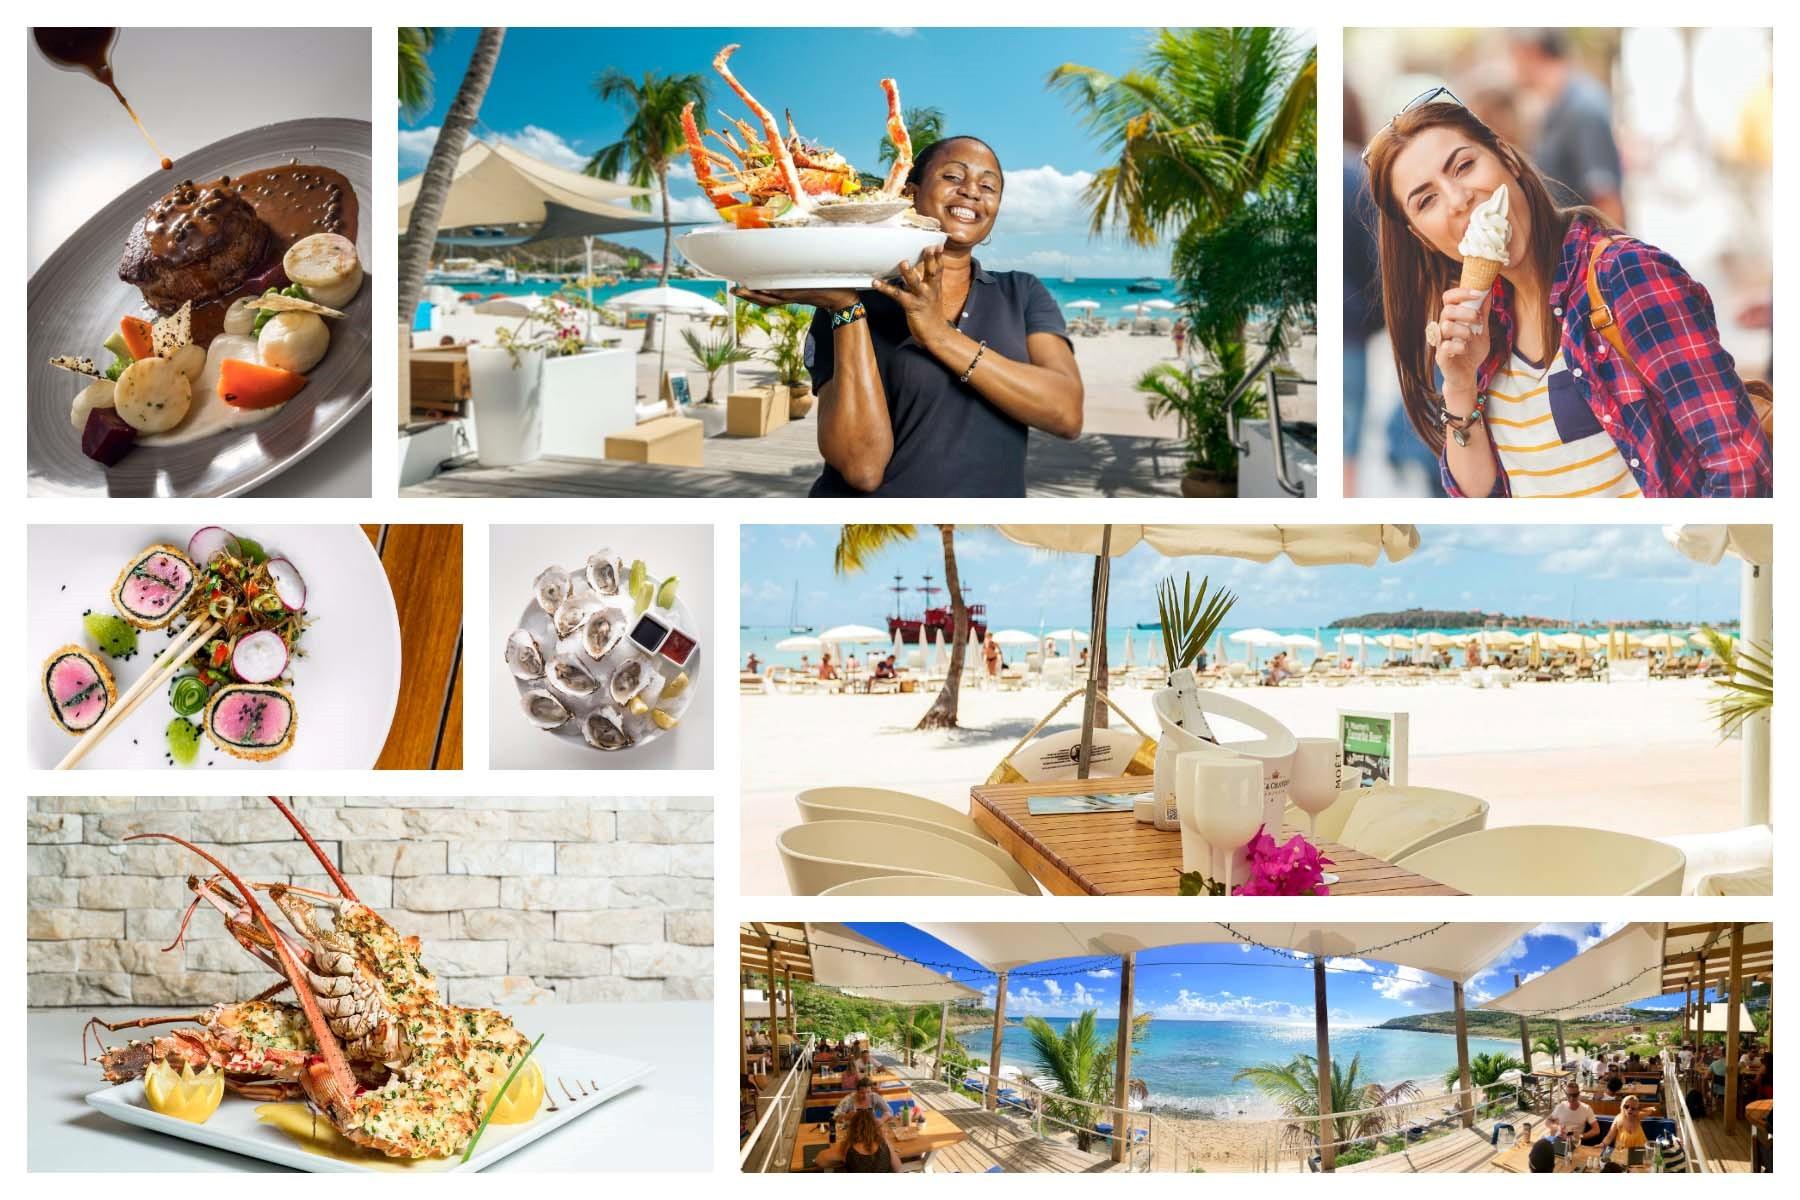 Sint Maarten Restaurants